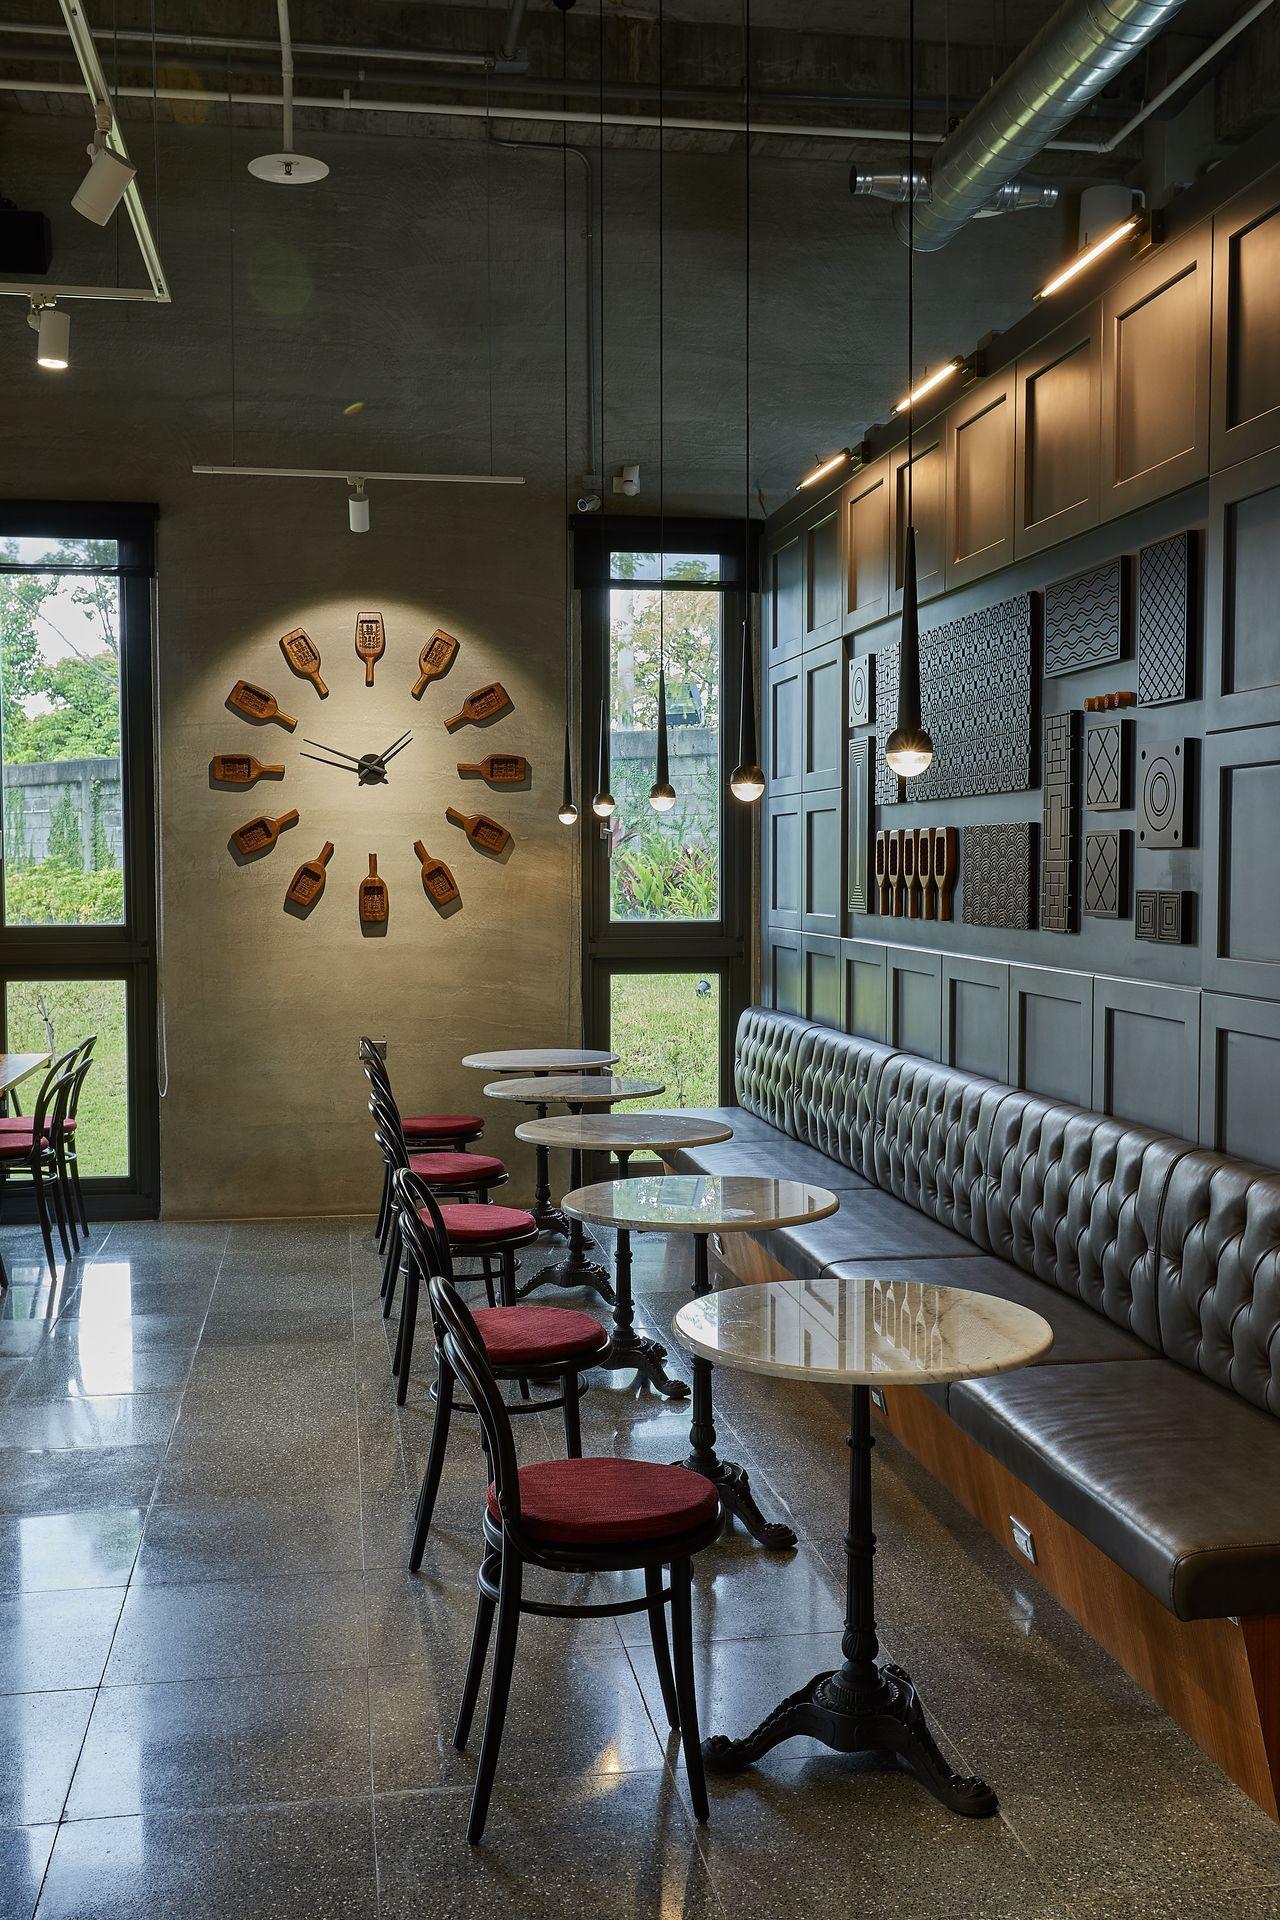 舊振南漢餅文化館充滿現代與時尚感。